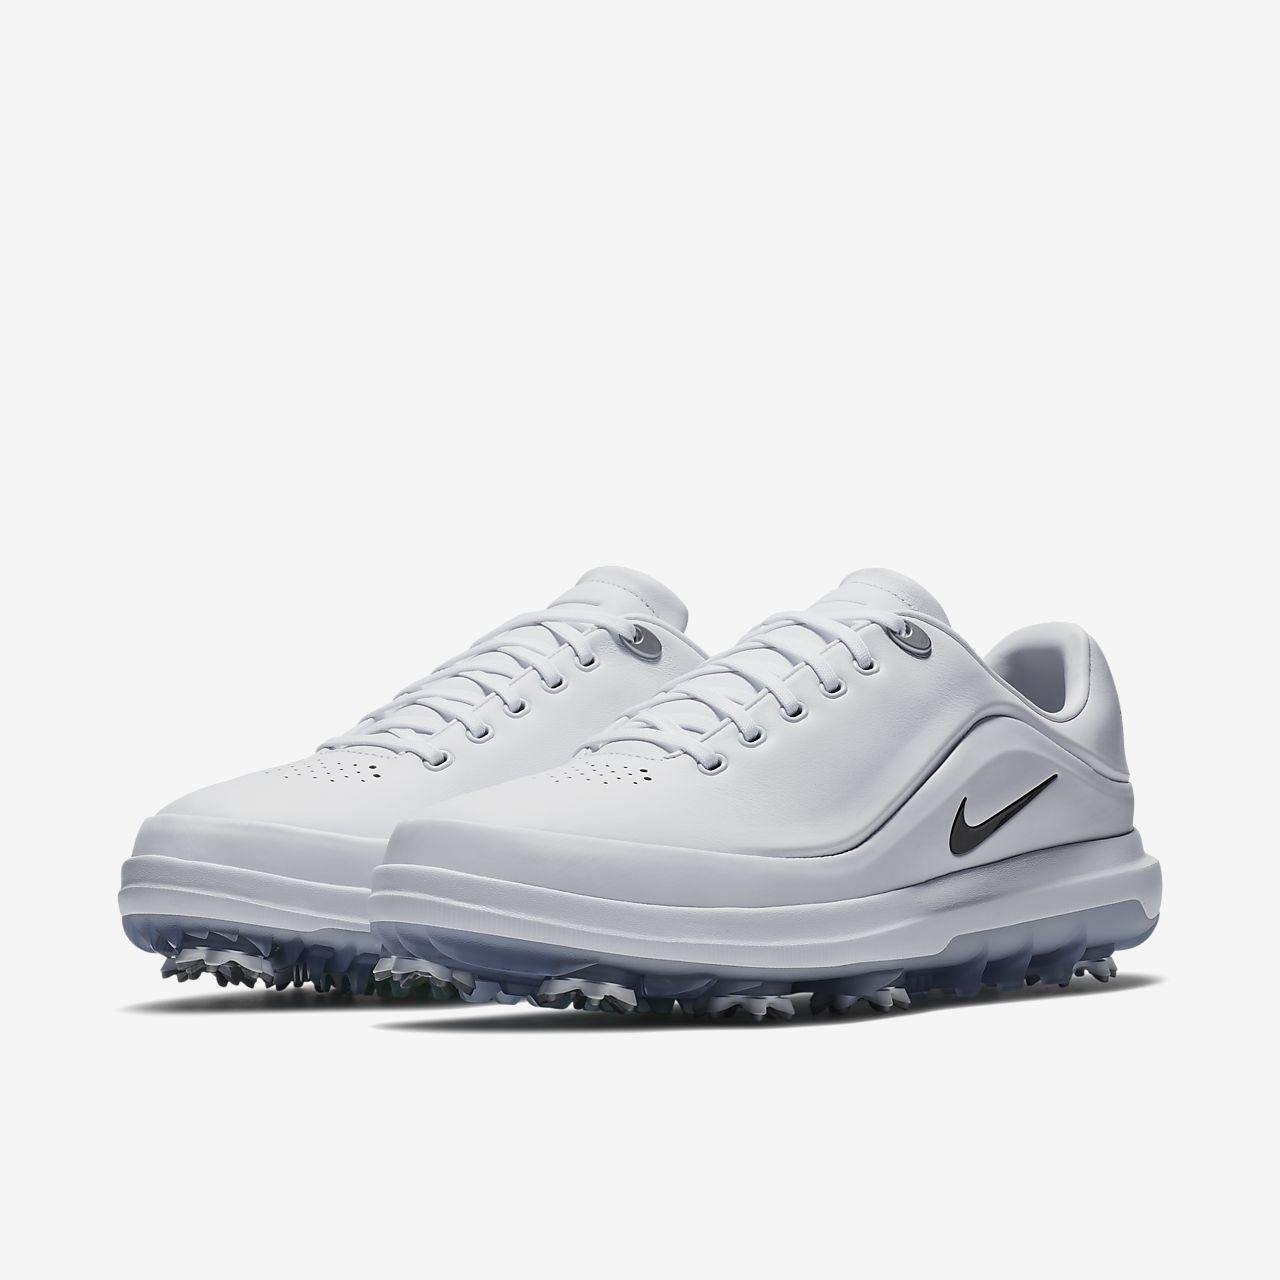 b9e16c498a2a Nike Air Zoom Precision Men s Golf Shoe. Nike.com GB